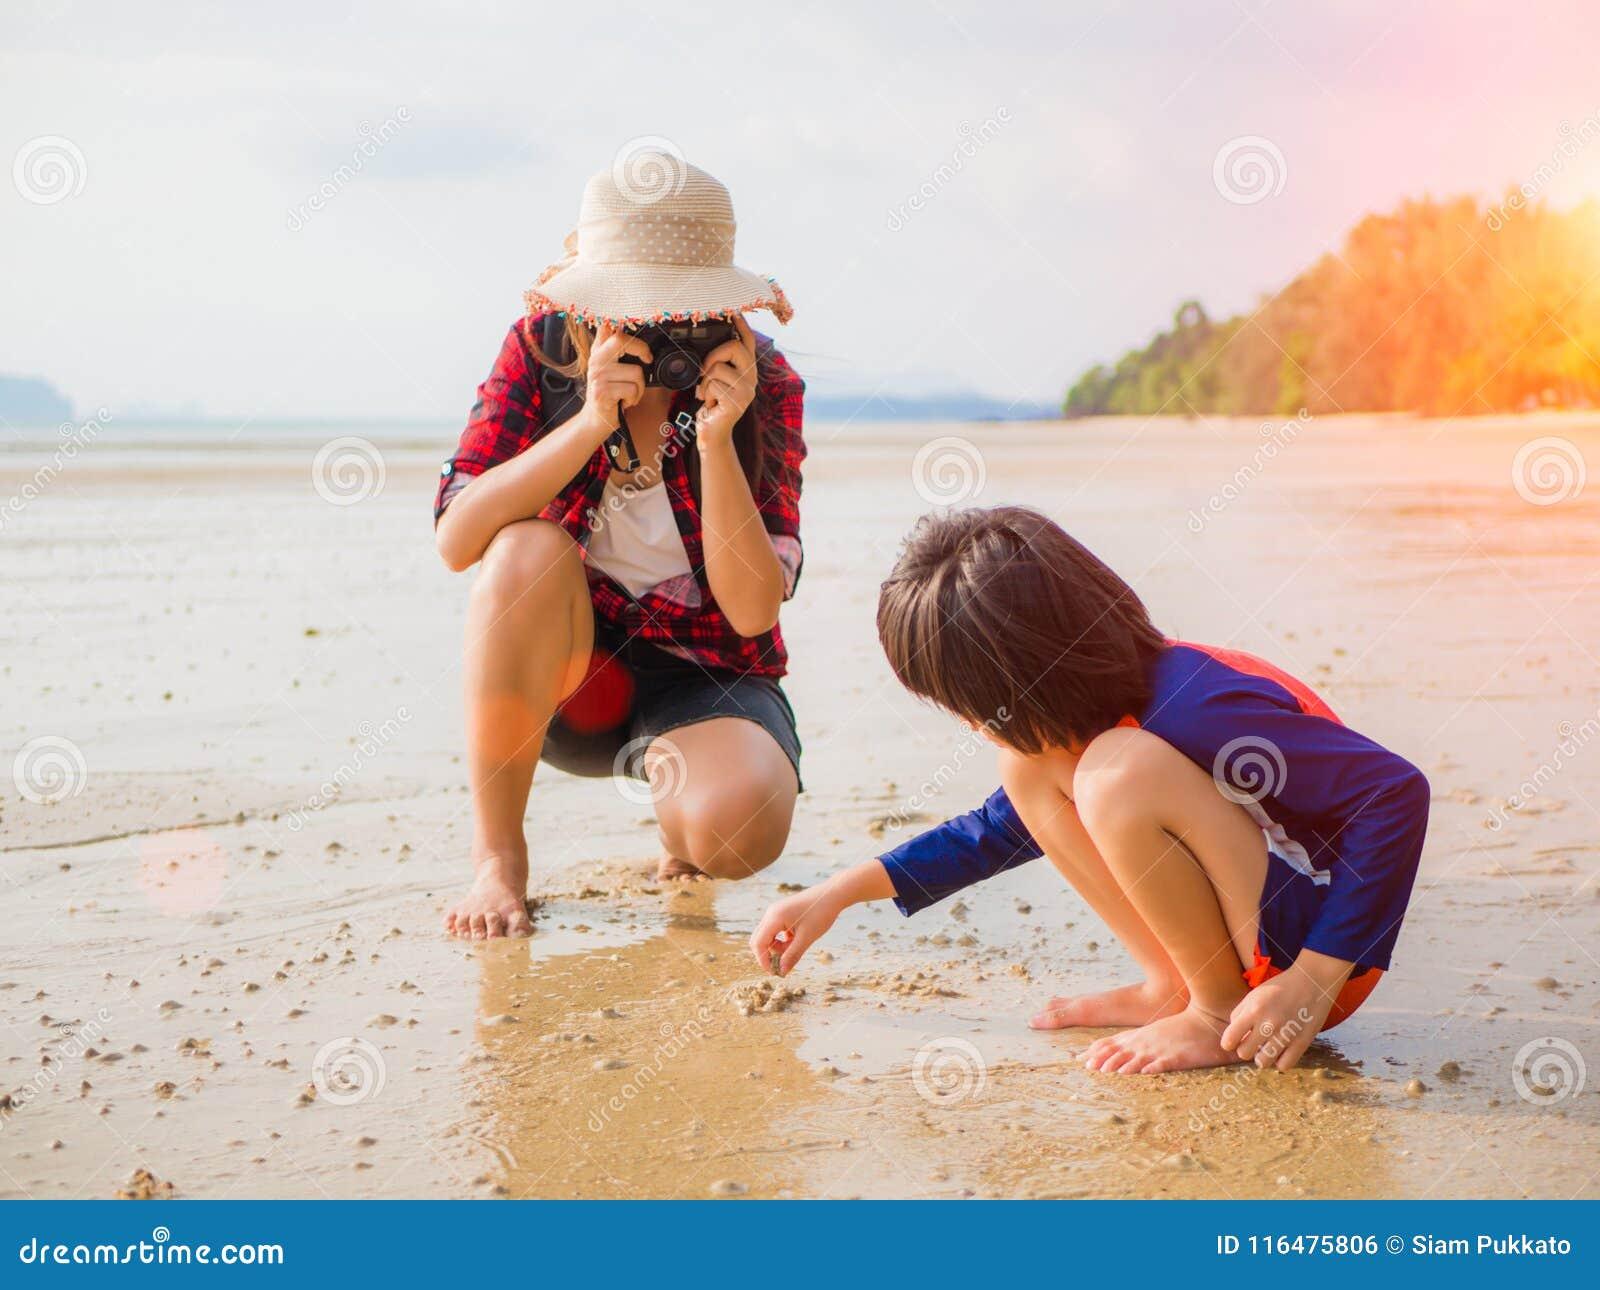 假期夏天和旅行概念